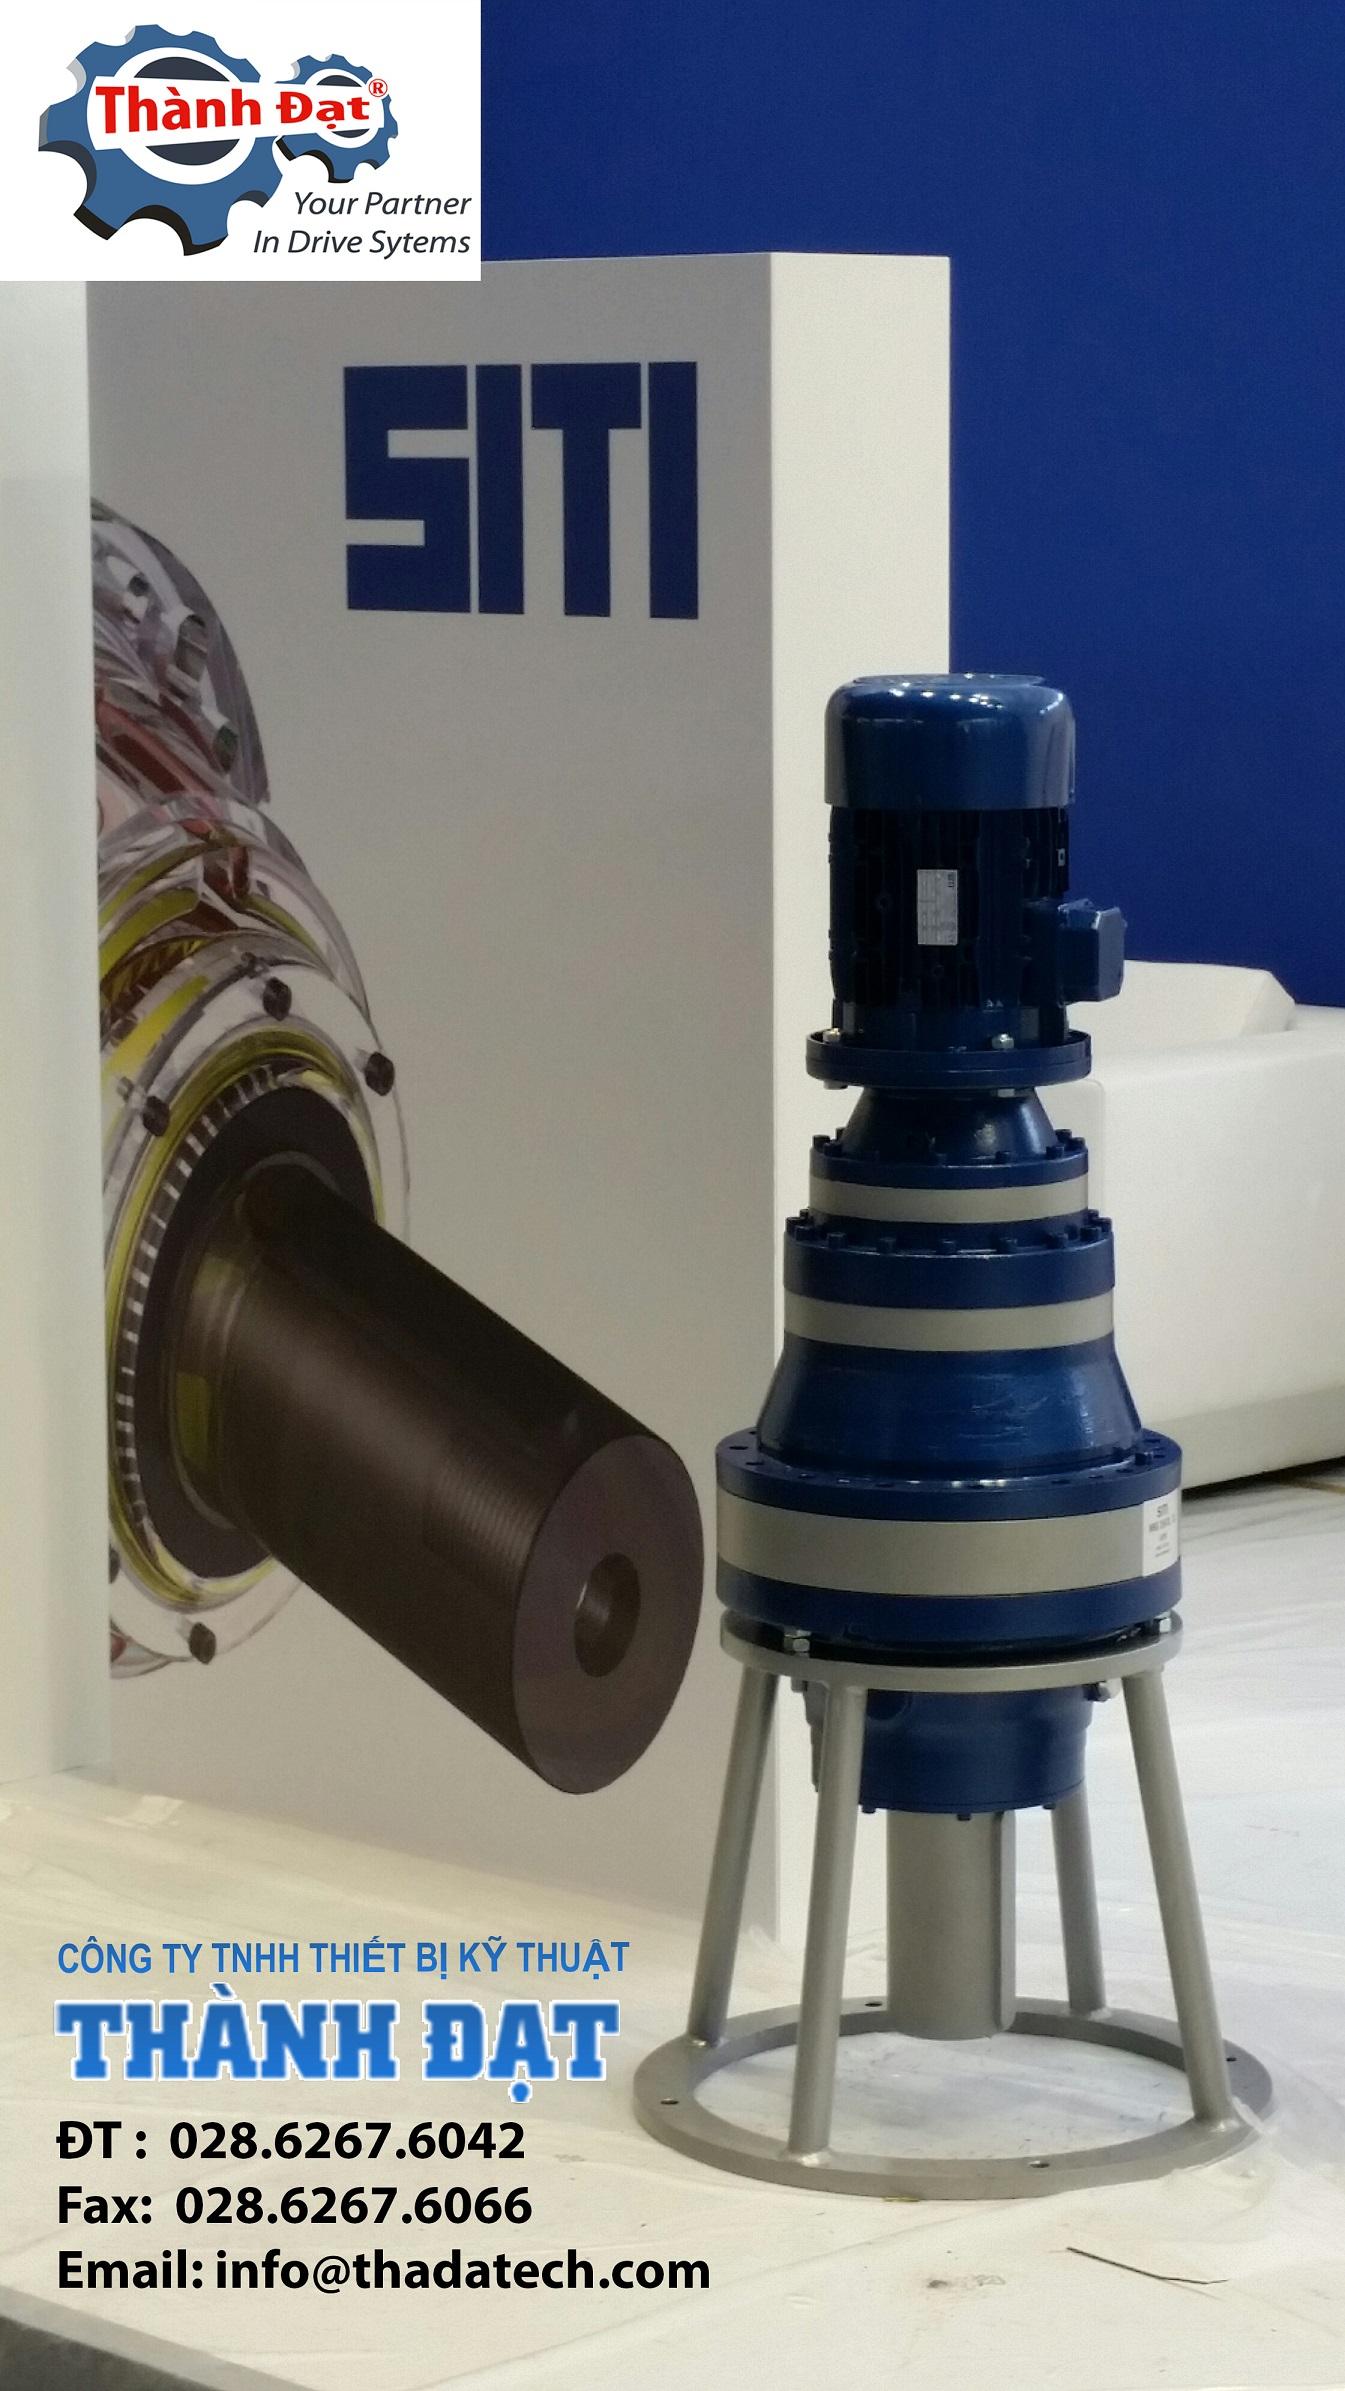 Nhà phân phối chính thức sản phẩm động cơ giảm tốc SITI-ITALY tại Việt Nam :